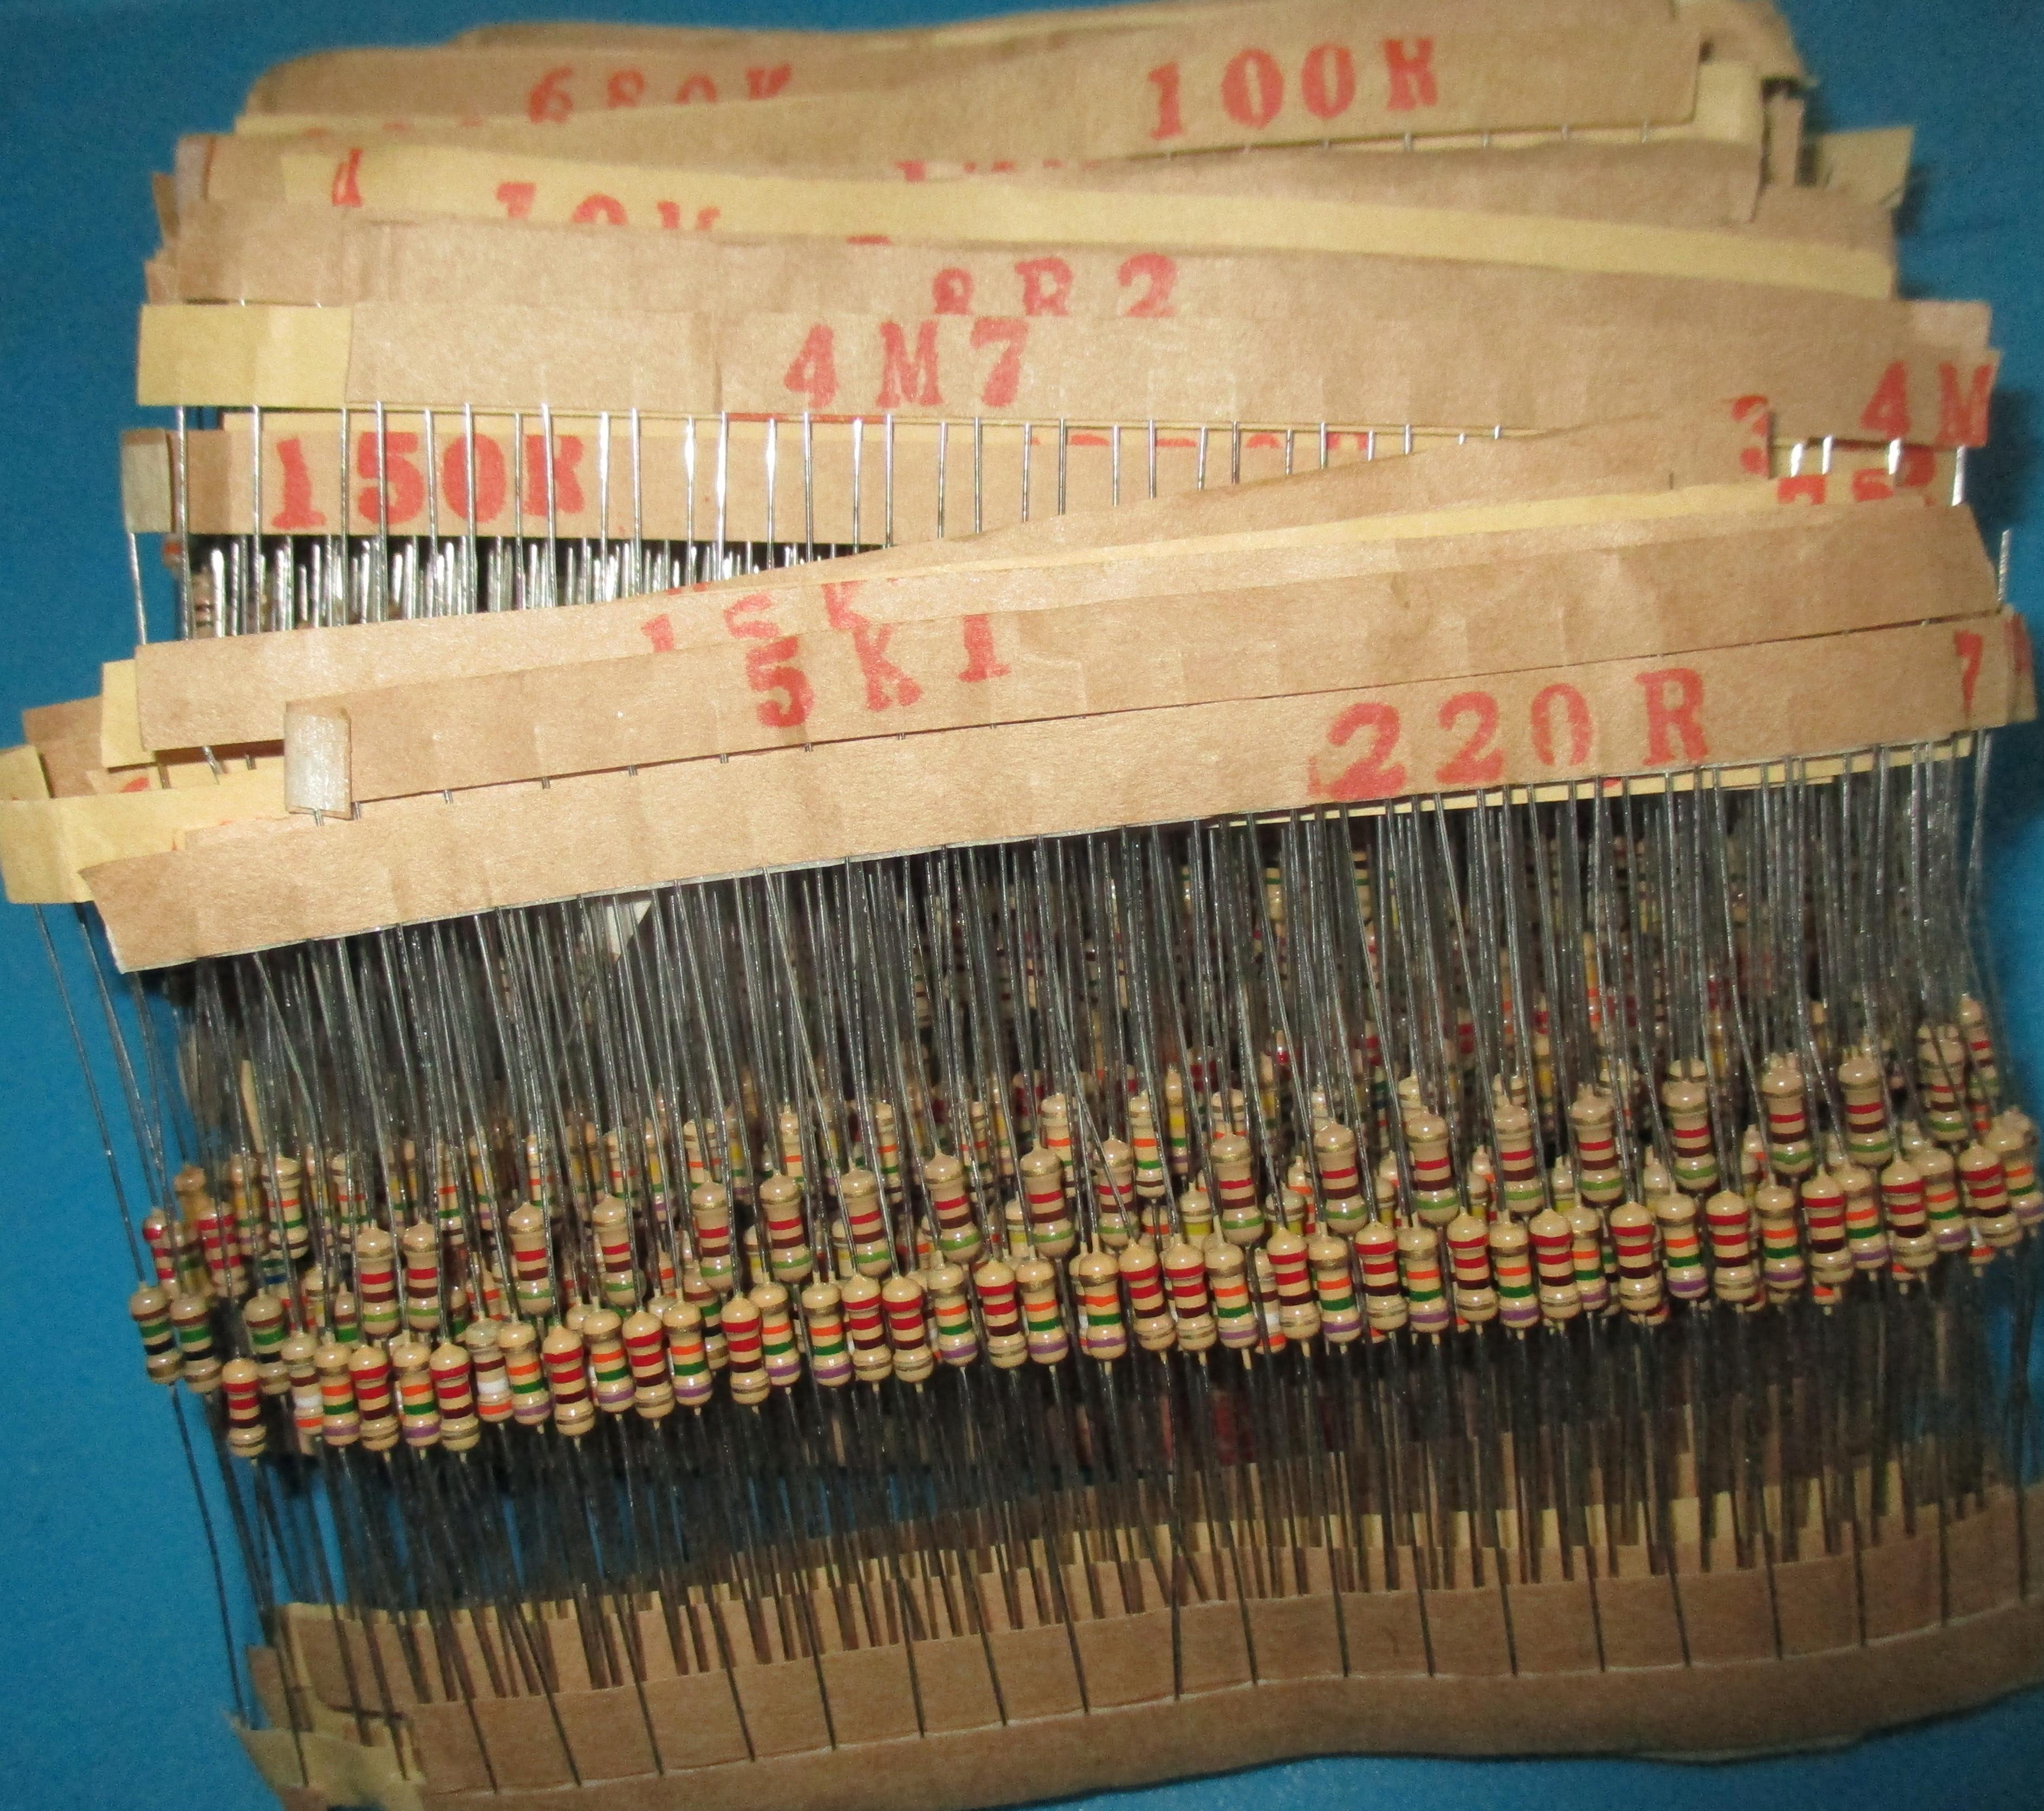 New 1500pcs 1/4W Power Carbon Film Resistors Assorted kit 75Values (1 ohm~ 10M ohm) Resistance 5% Tolerance Resistor Pack